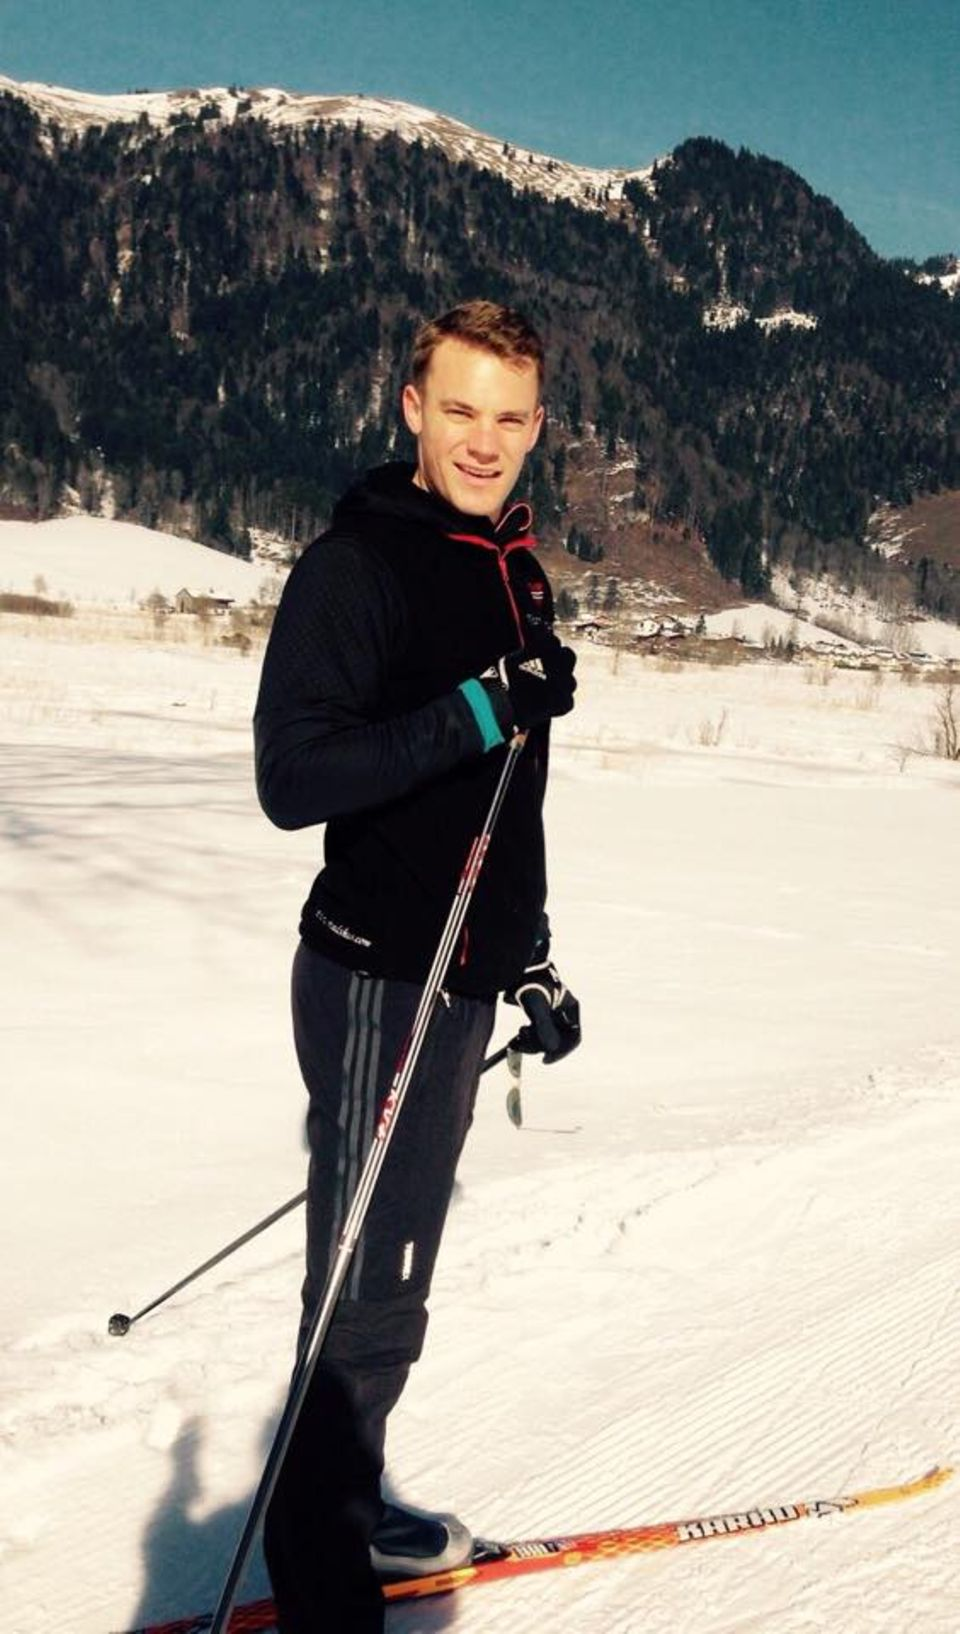 März 2015  Manuel Neuer genießt seinen Sonntag im Schnee.